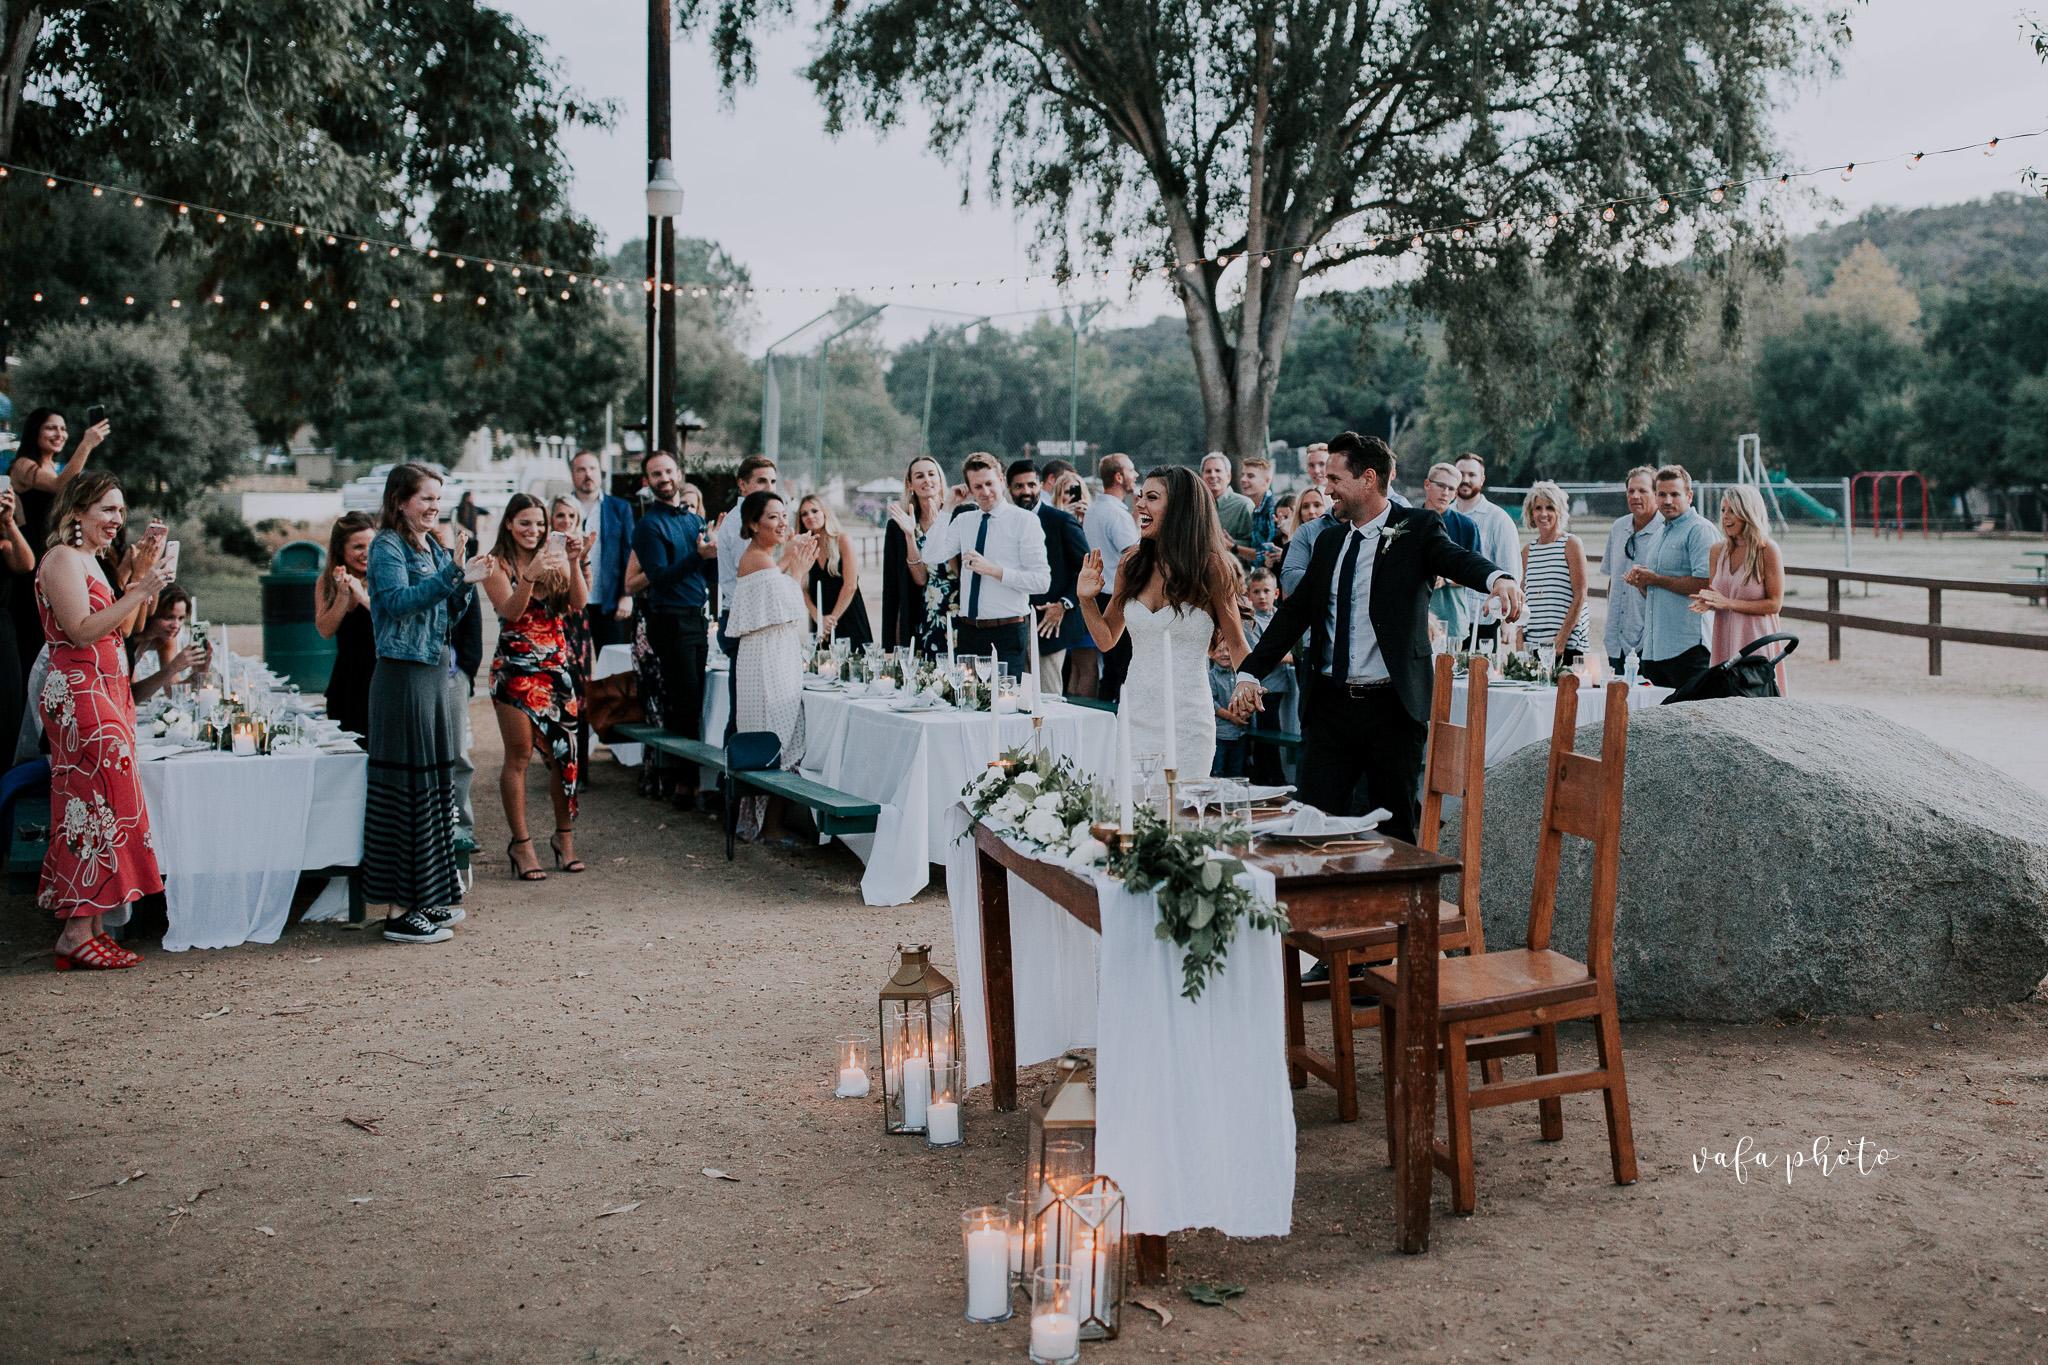 Southern-California-Wedding-Britt-Nilsson-Jeremy-Byrne-Vafa-Photo-819.jpg